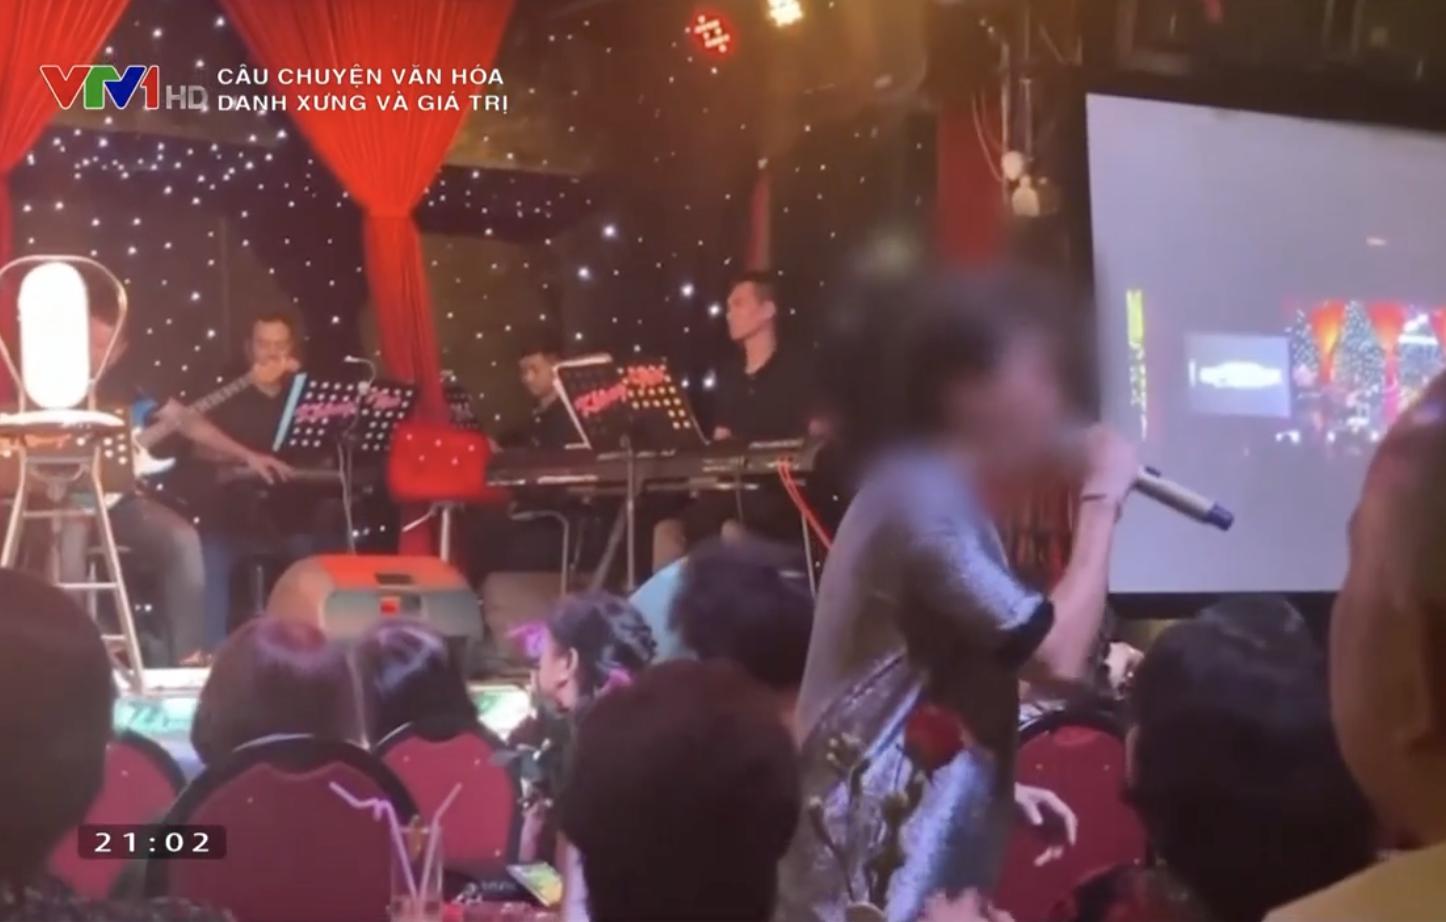 """Chương trình cũng đưa ra một ví dụ về loạn danh xưng với clip về nghệ sĩ mà chỉ cần cất tiếng hát thì biết ngay là người từng được phong là """"Ông hoàng"""" nhạc Việt. Ảnh chụp màn hình"""